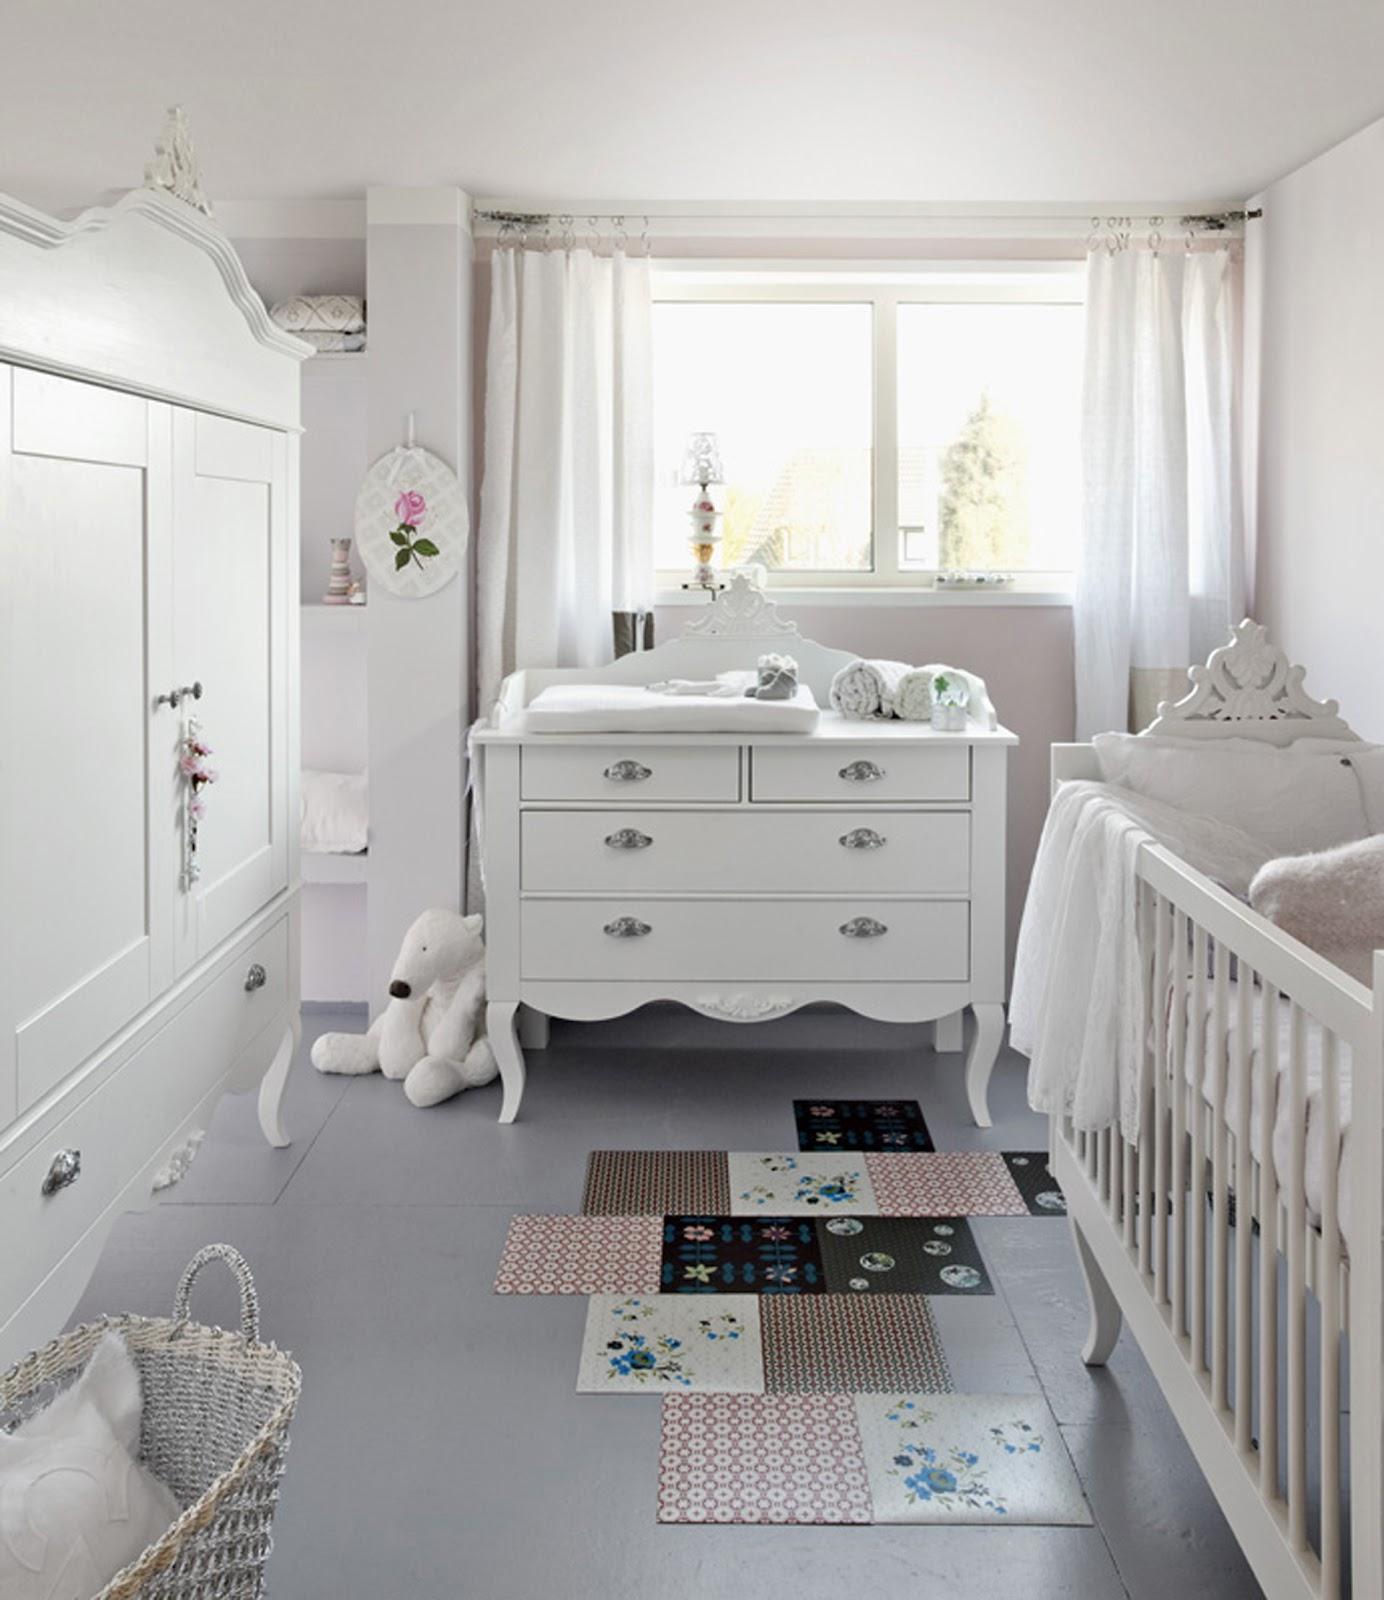 Dormitorios y camas para ni os y bebes decoracion endotcom - Dormitorios para nino ...